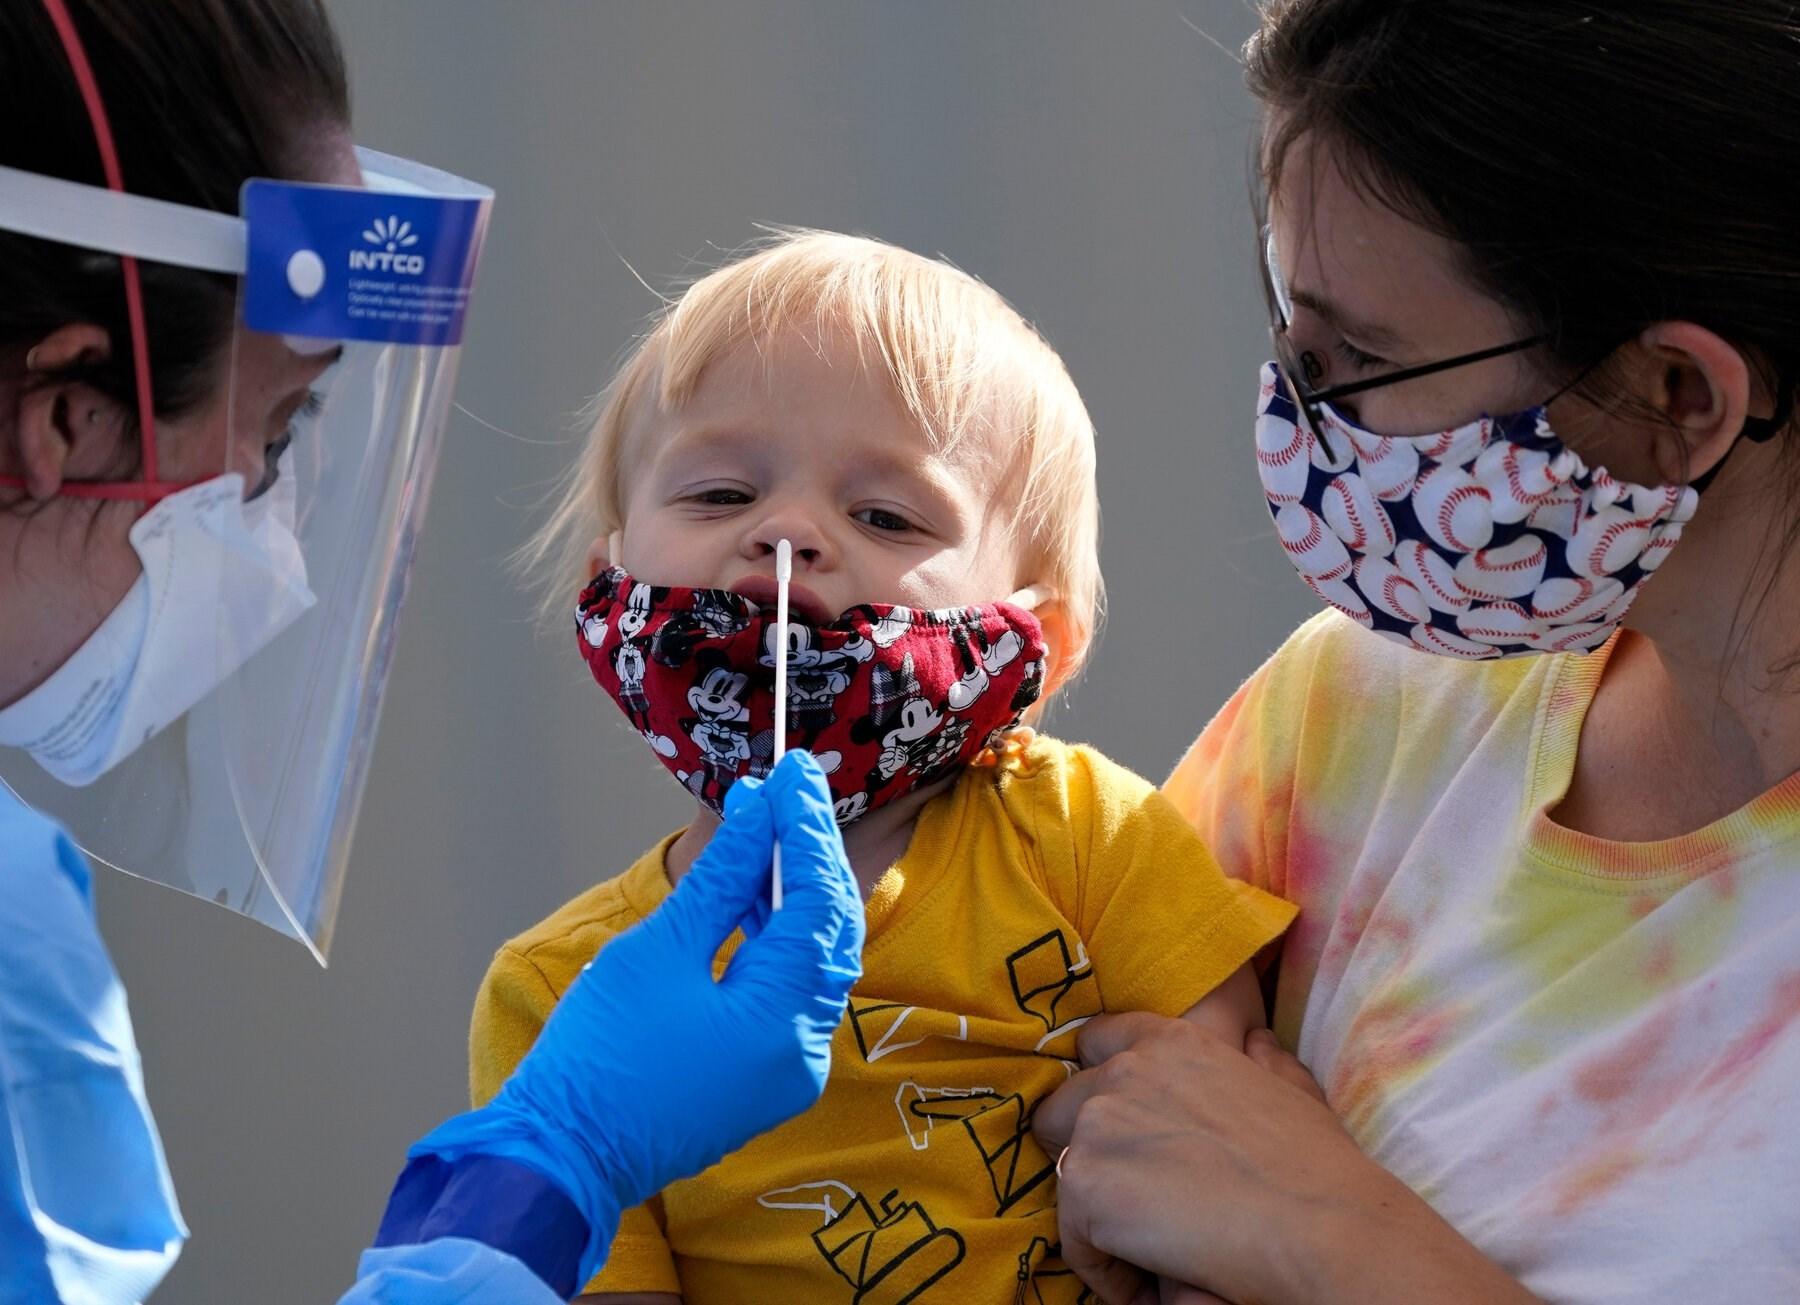 سلالة كورونا الجديدة قد تصيب الأطفال ولا يوجد دليل قاطع على أنها أكثر عدوى